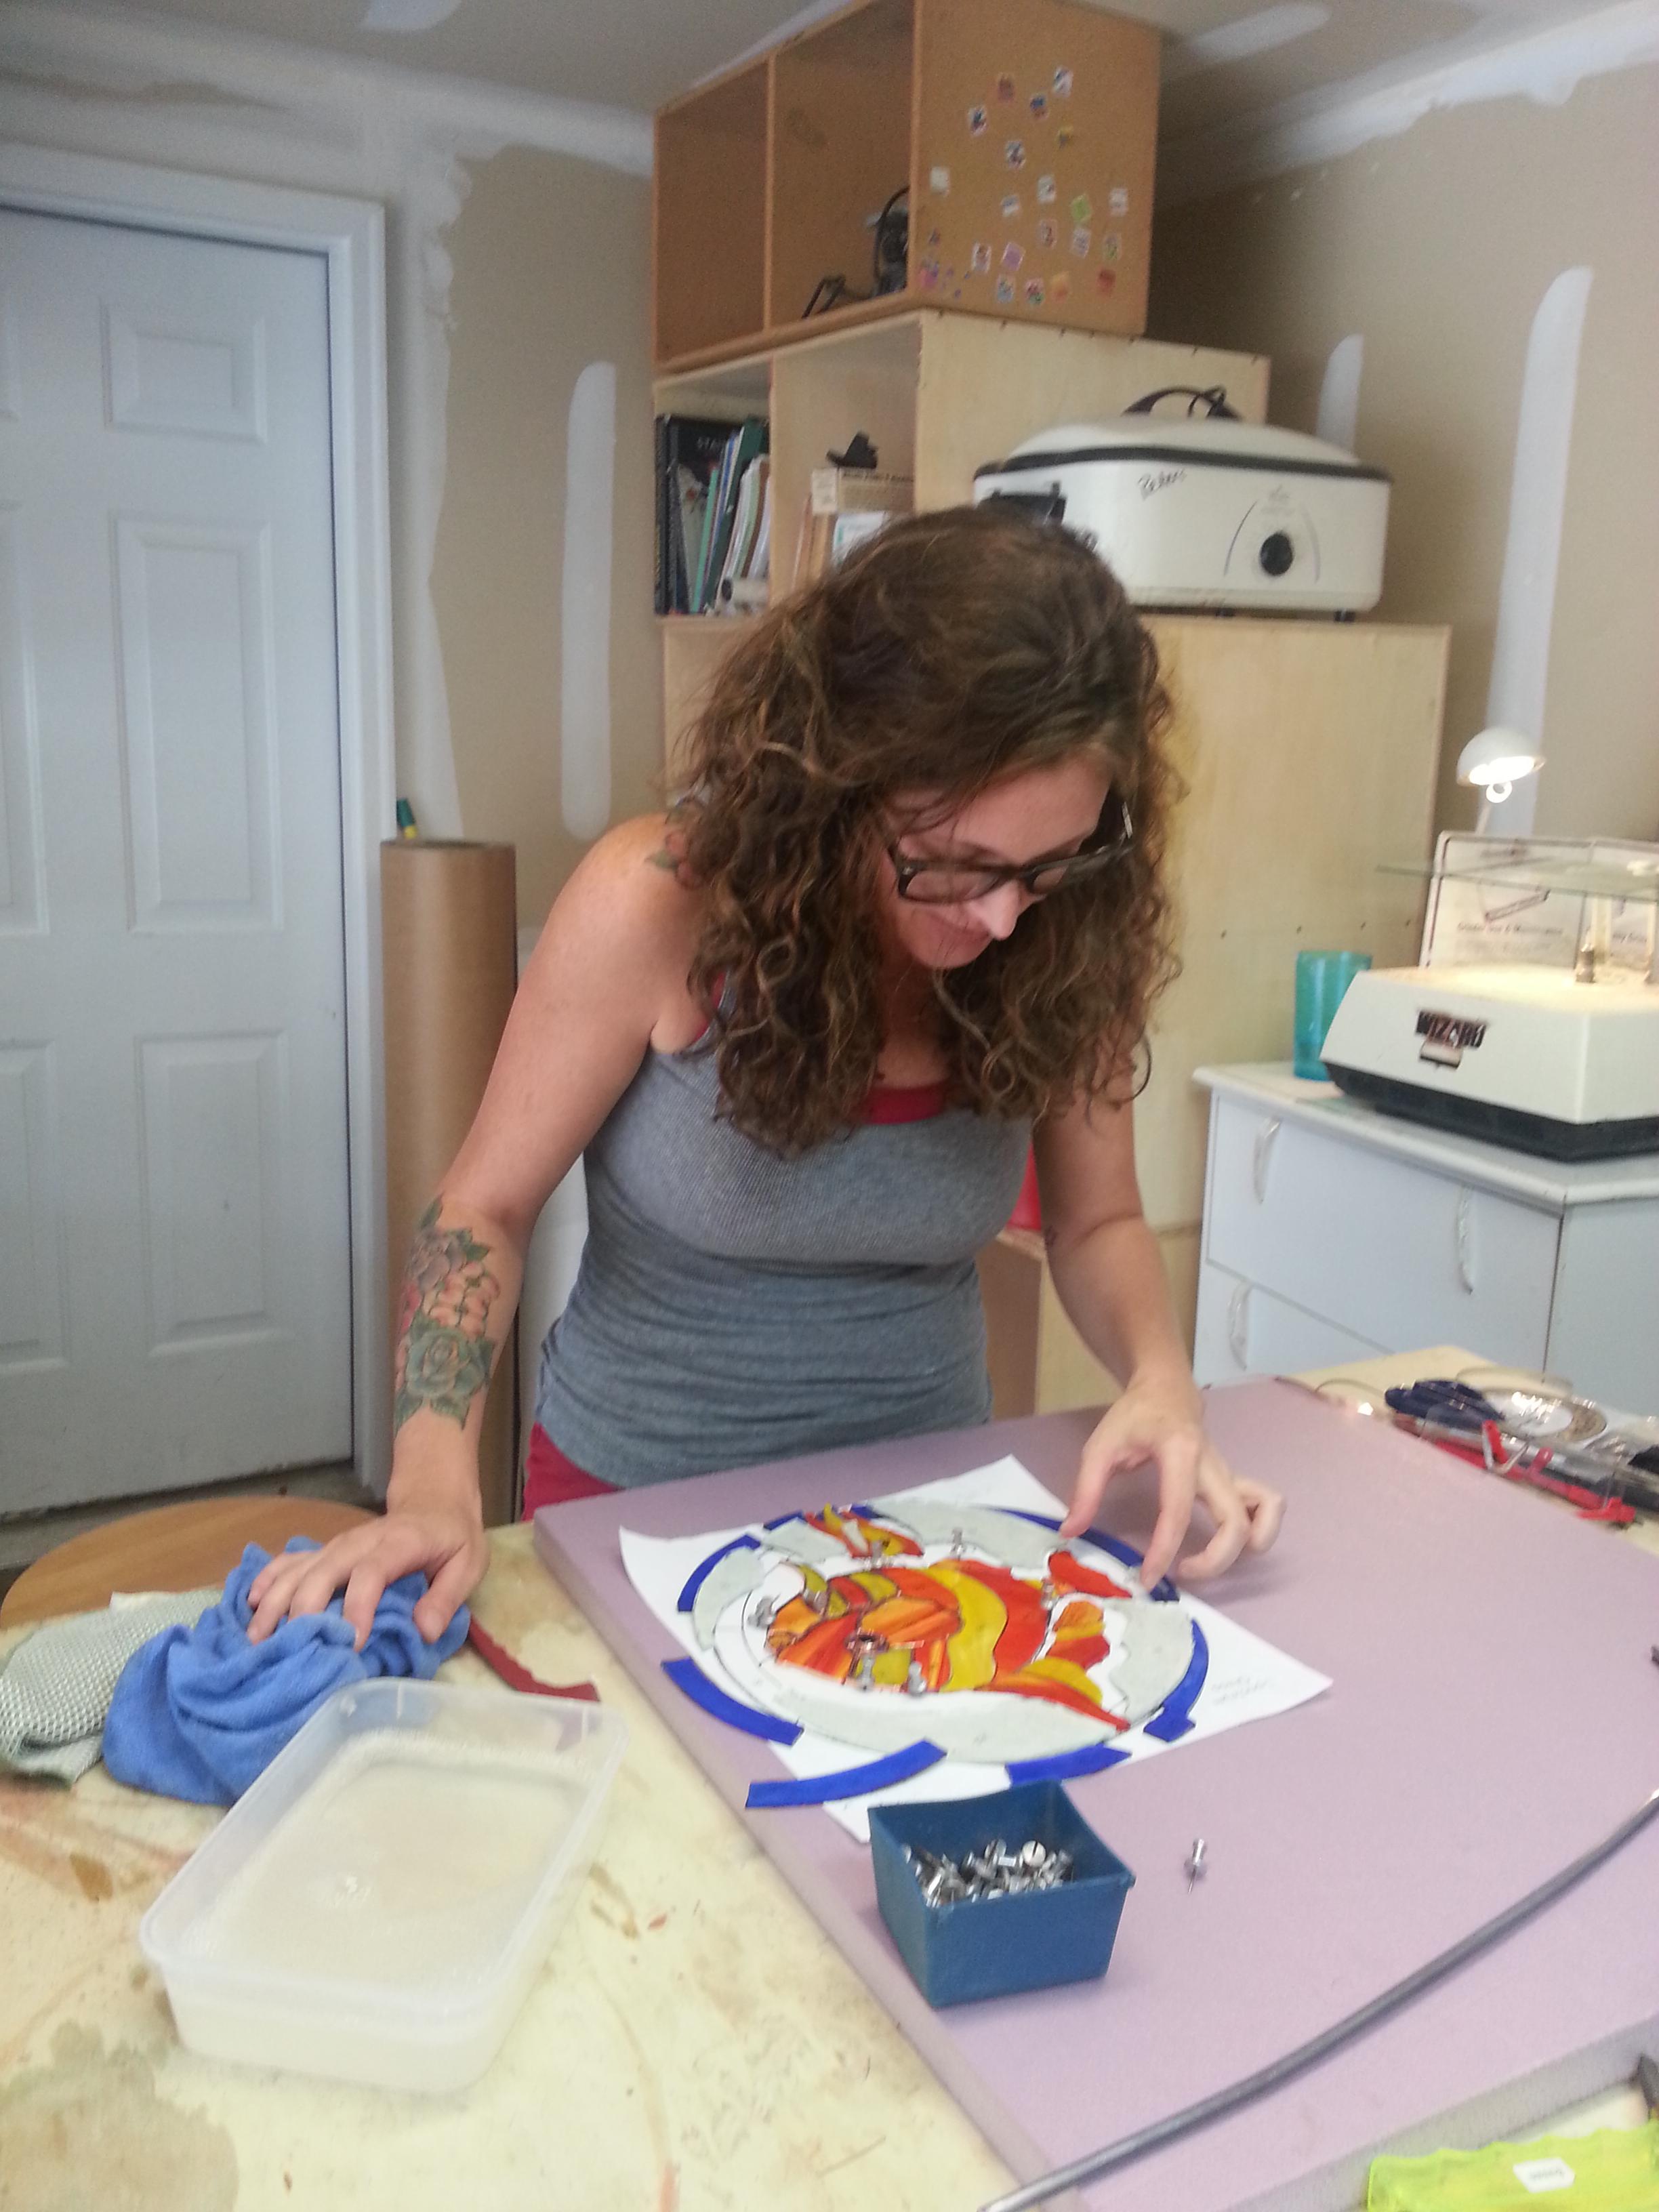 Lauren at work